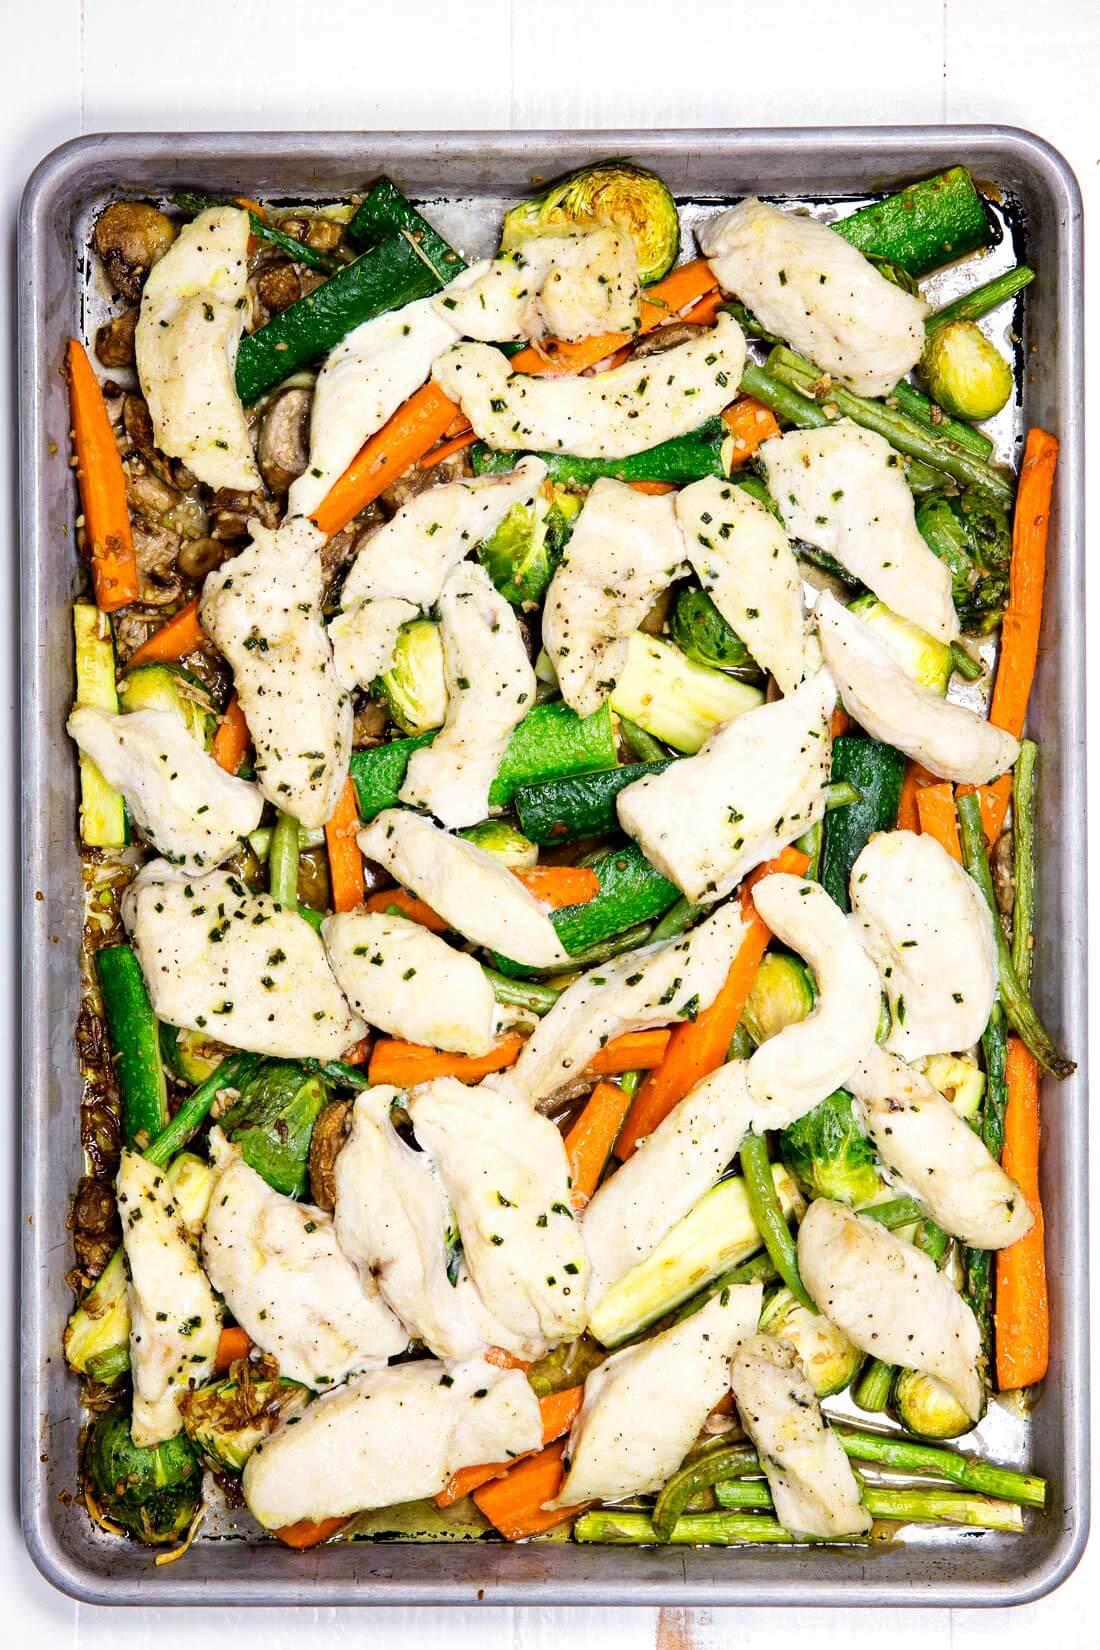 Sheet Pan Garlic Chicken Amp Veggies